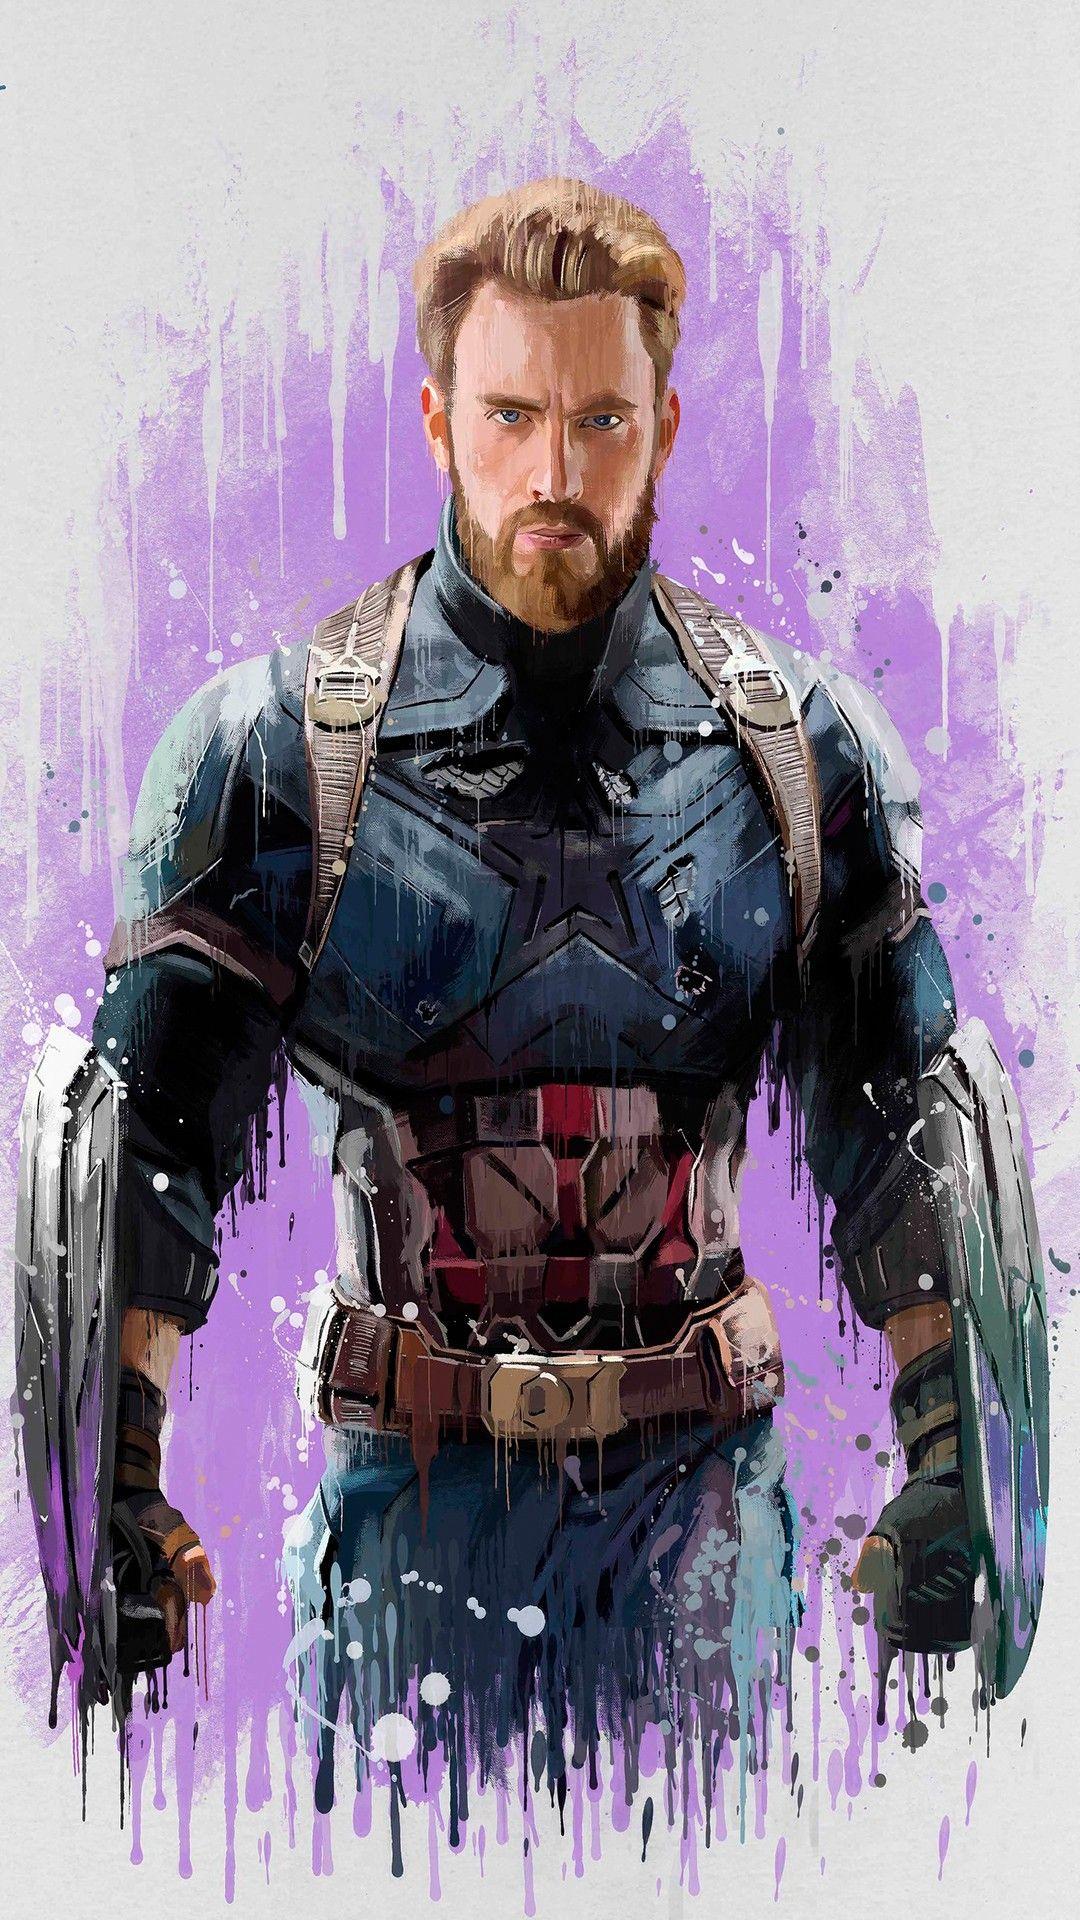 Steve Rogers Captain America Avengers Infinity War 2018